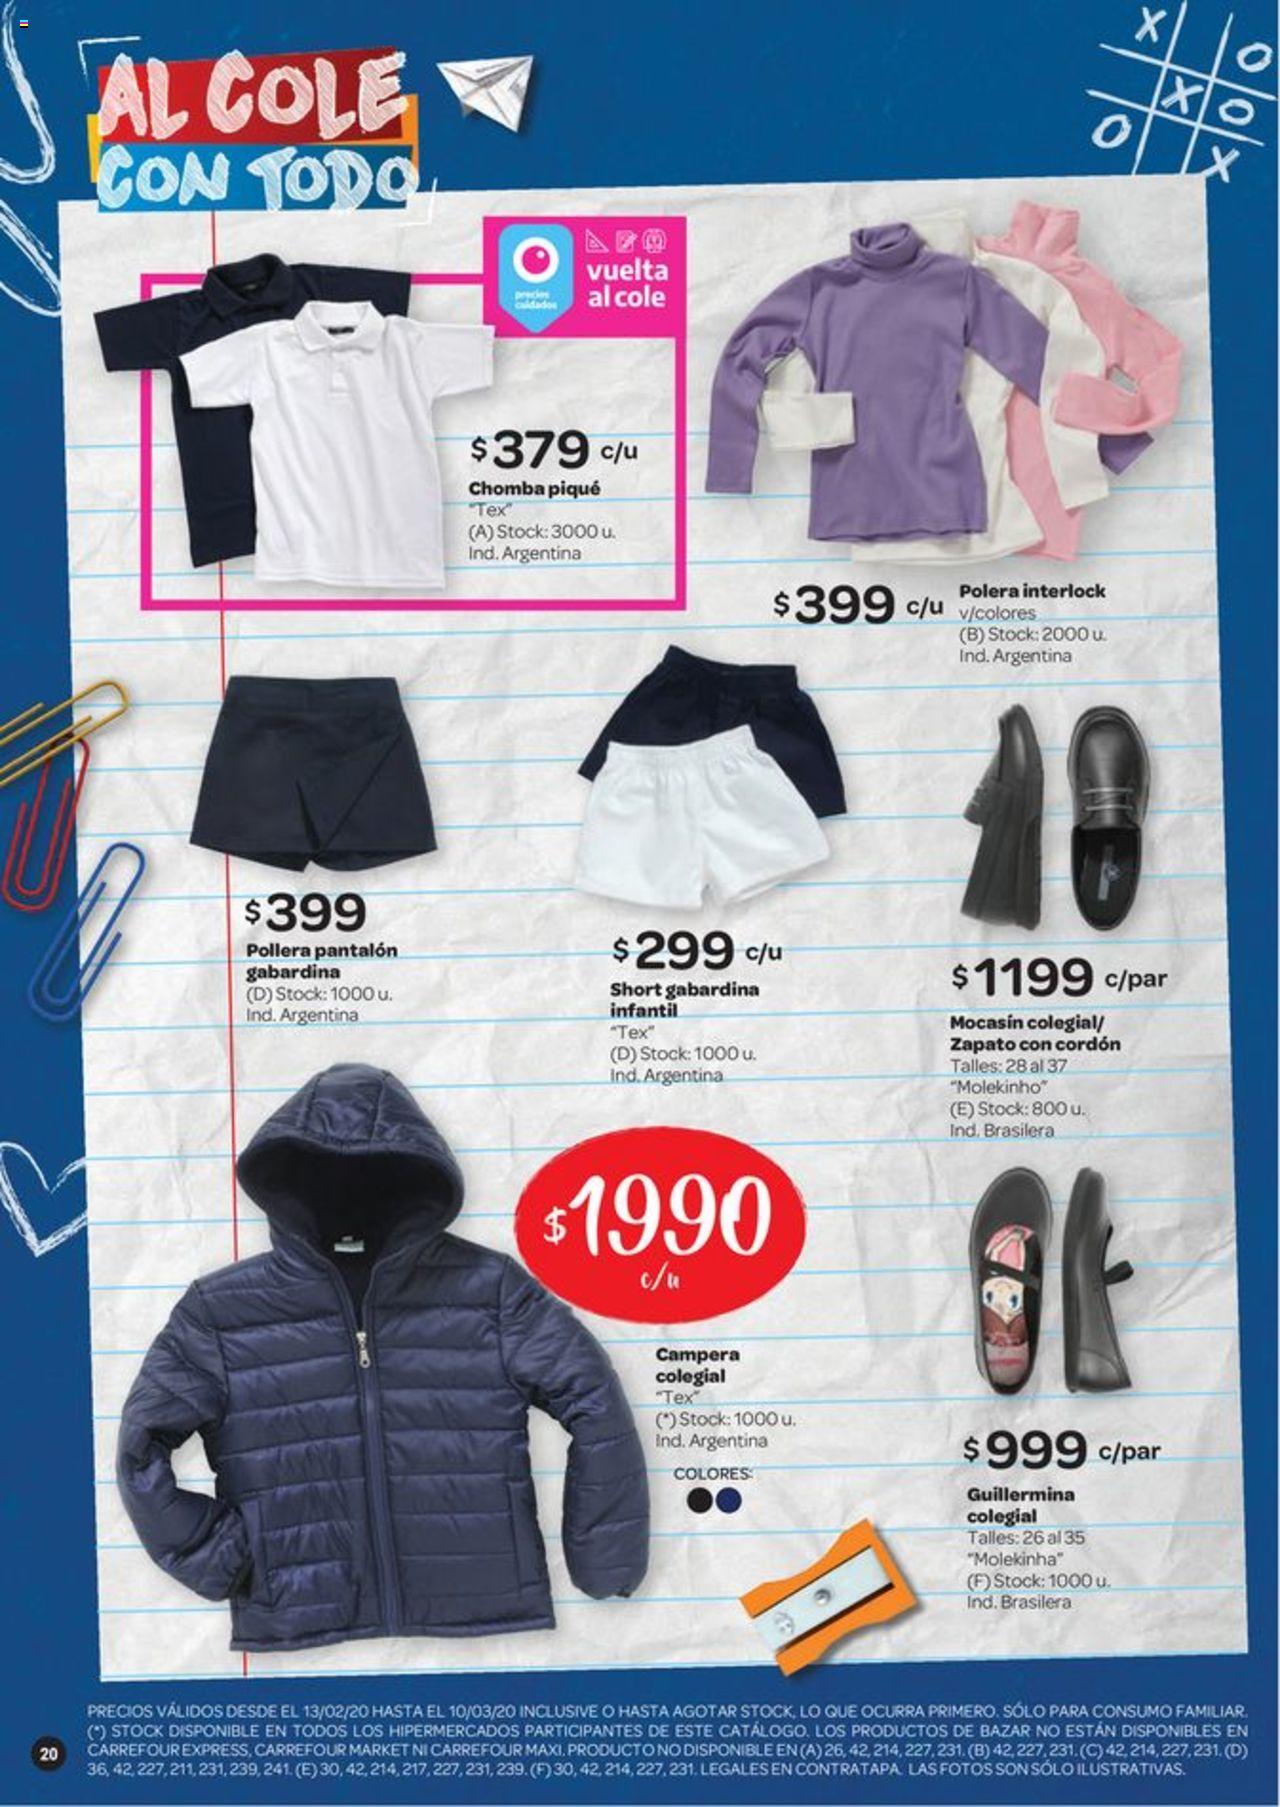 Carrefour Oferta válido desde el 13/02/2020 número de página 1 | Página: 20